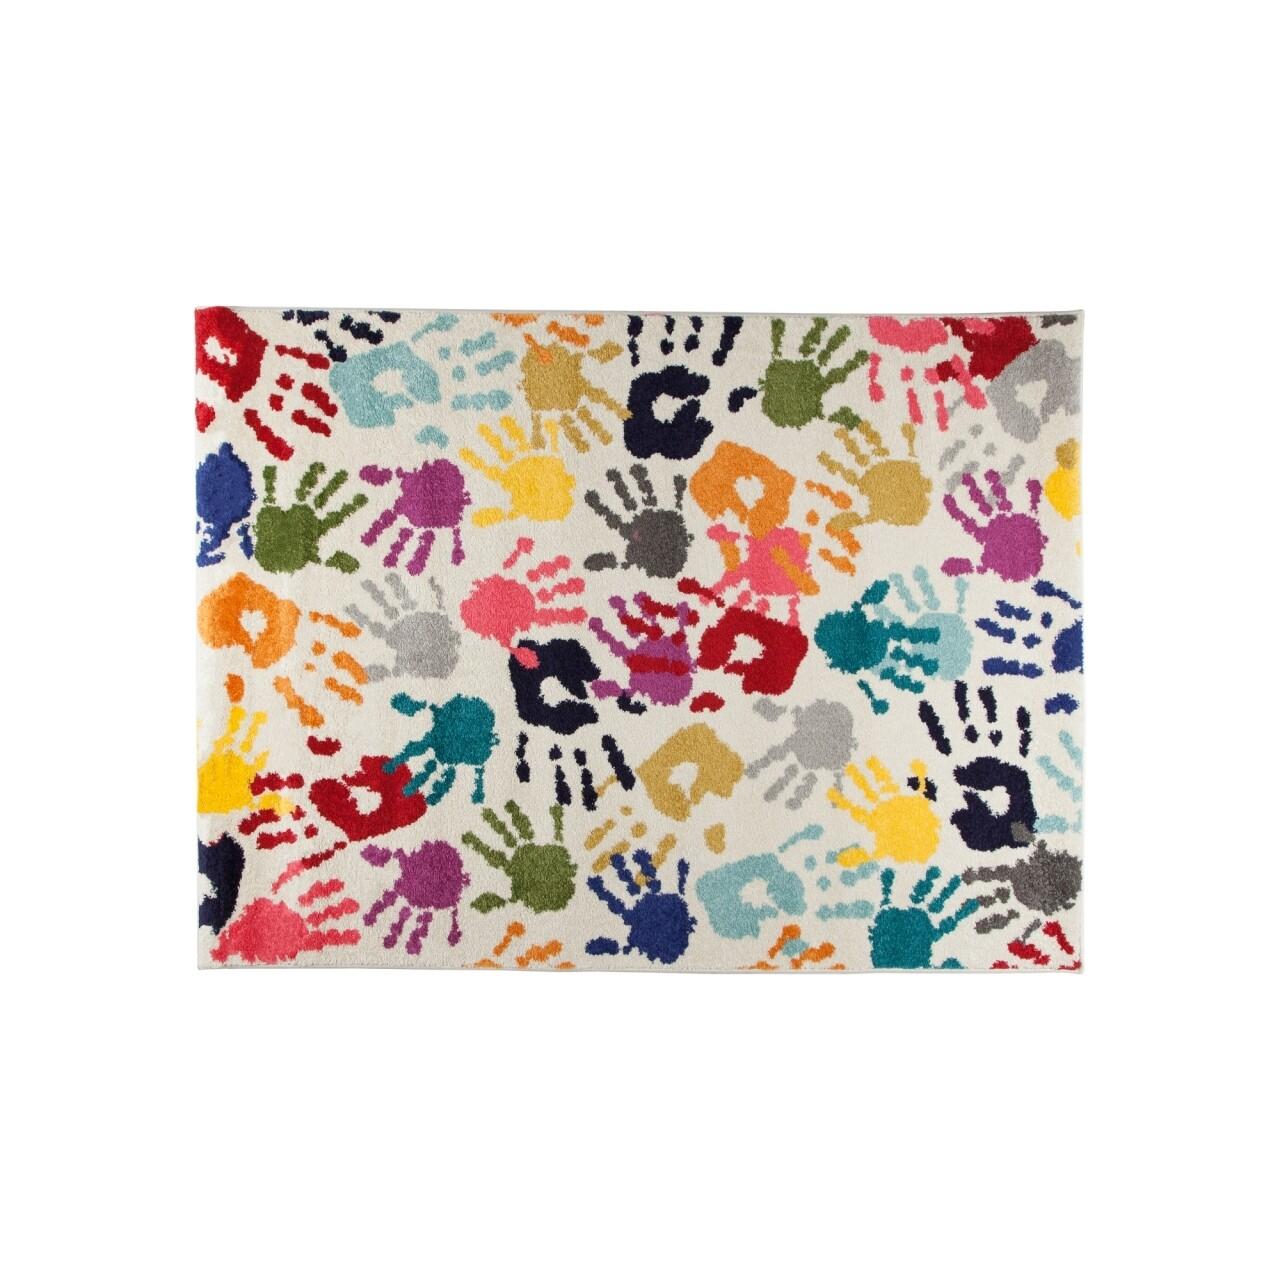 Covor Handy Multi 120x160 cm, multicolor